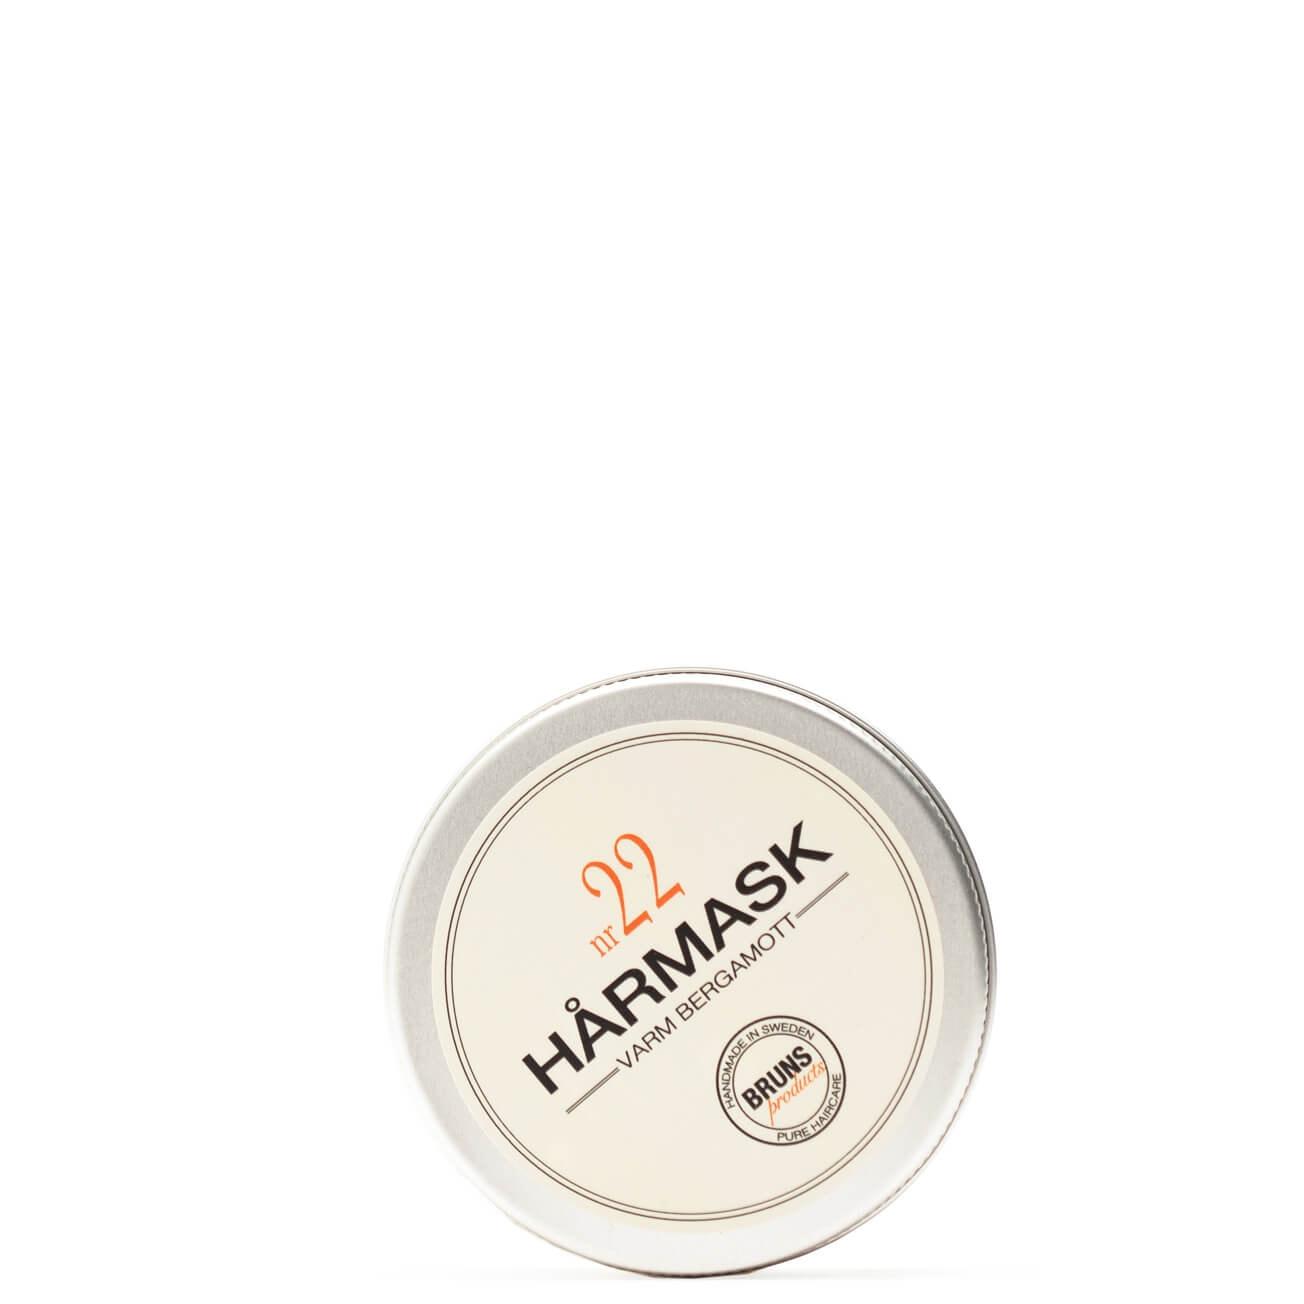 Bruns Products Hårmask 22 Varm Bergamott 50ml- För torrt, skadat & tjock hår